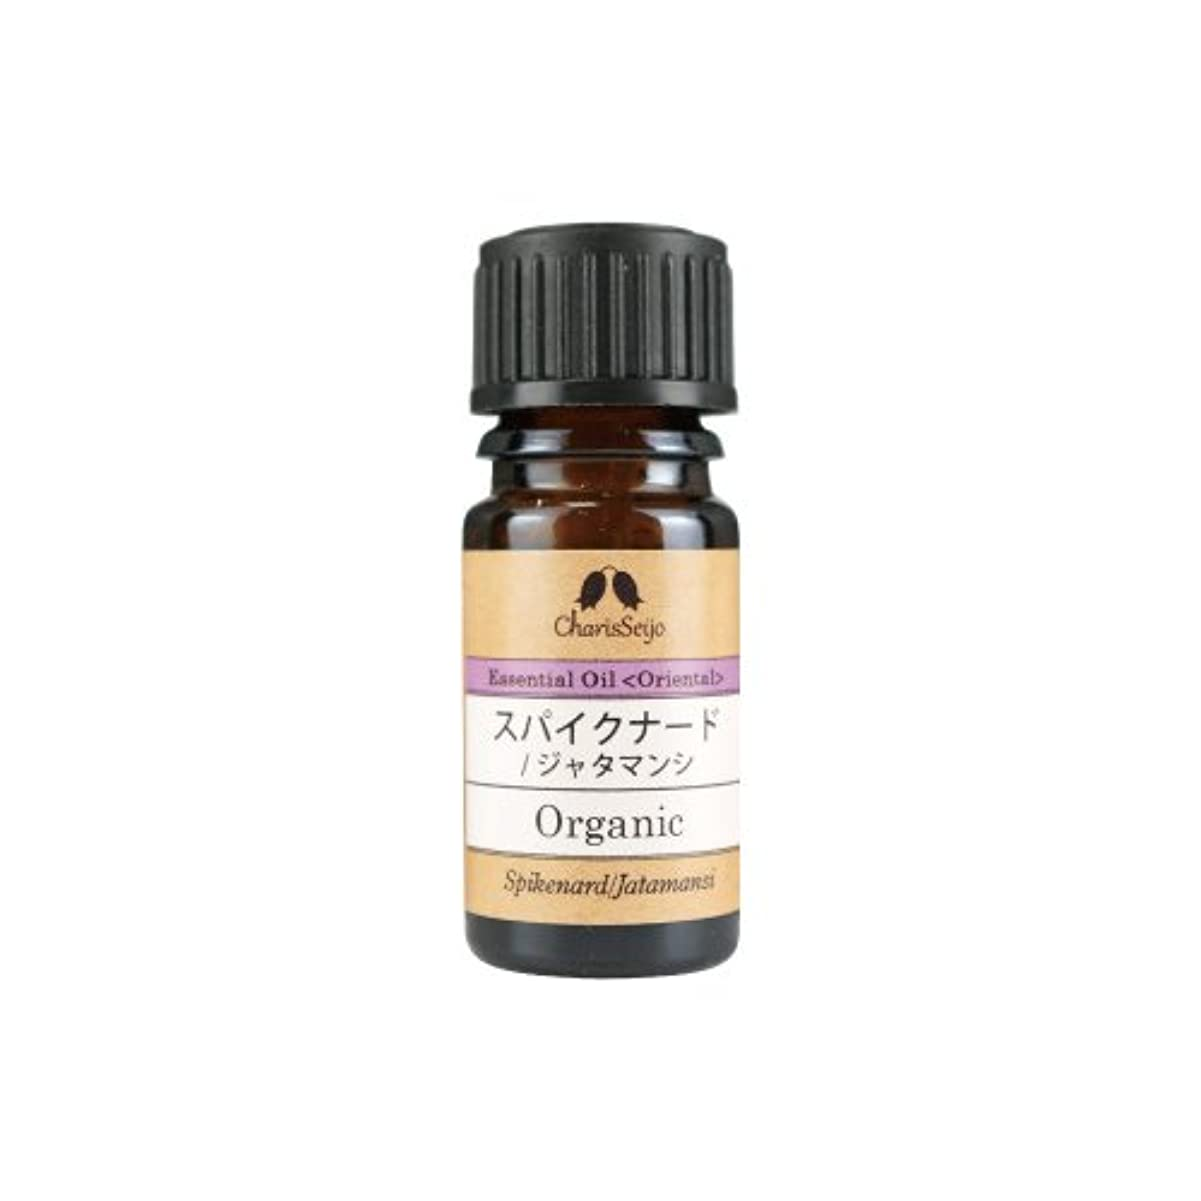 おとなしい癒す蒸留するカリス エッセンシャルオイル スパイクナード/ジャタマンシ Organic 10ml